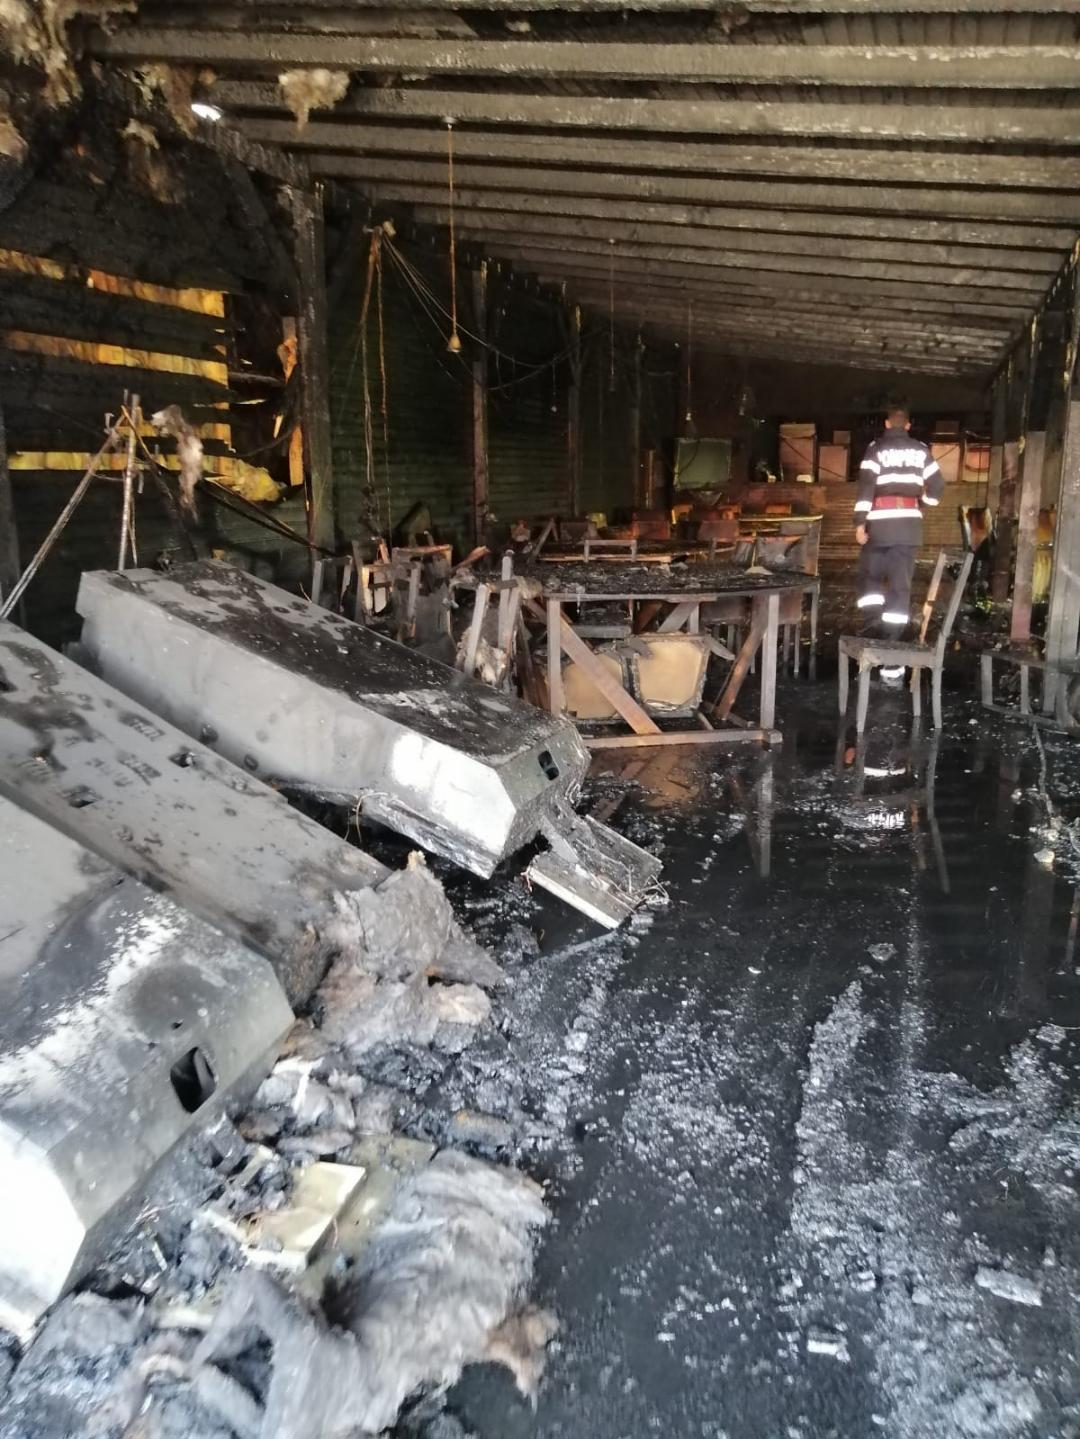 Restaurant mistuit de flăcări, în comuna Potlogi